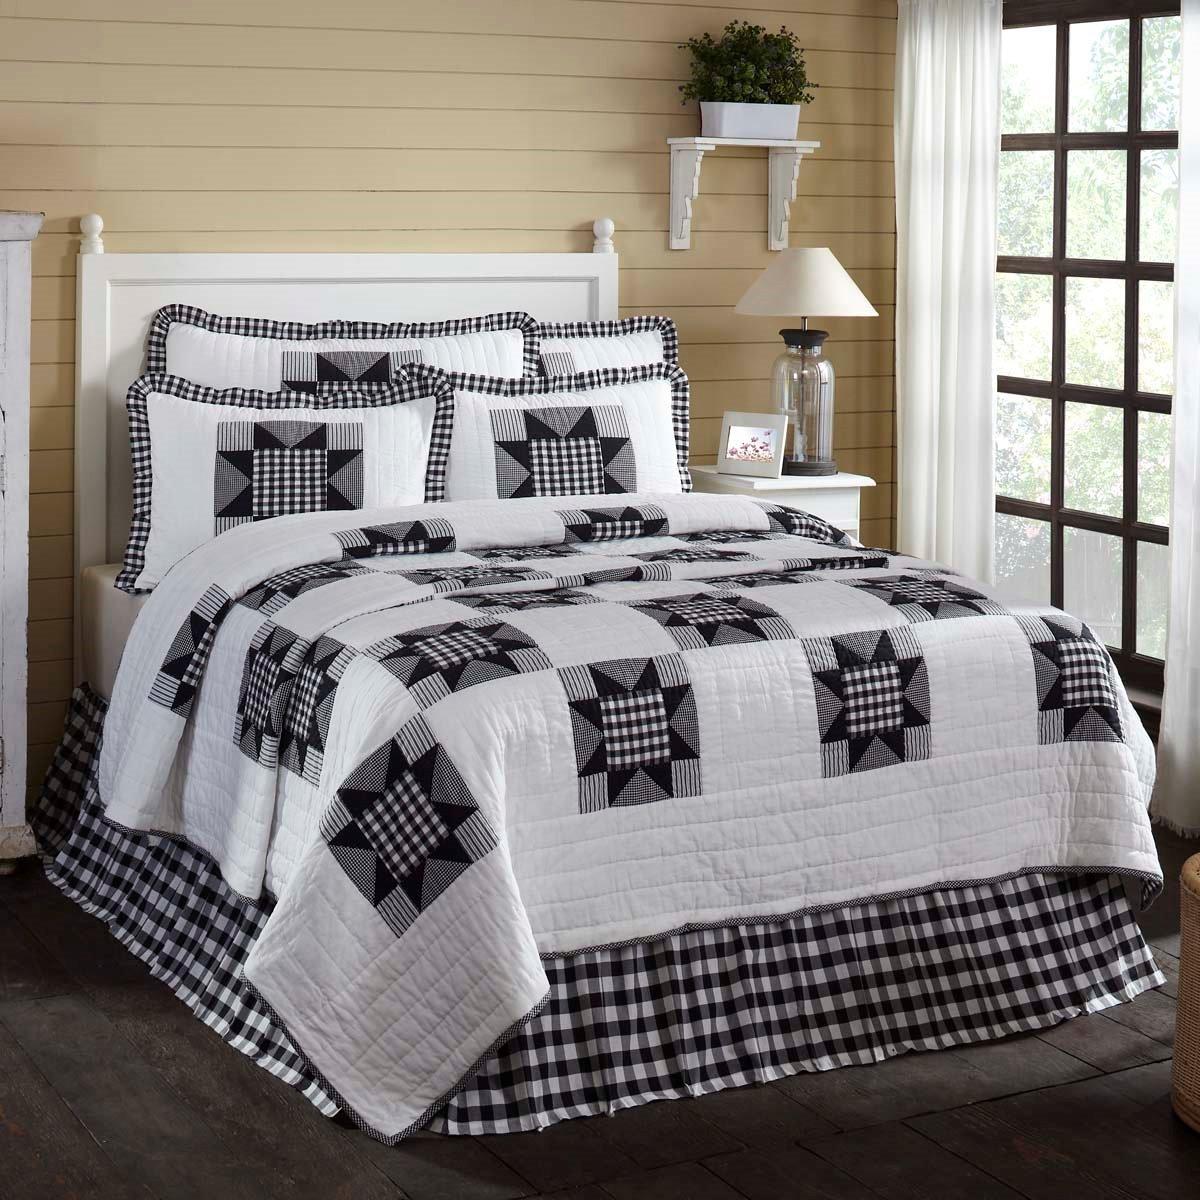 Emmie Luxury King Quilt 105x120